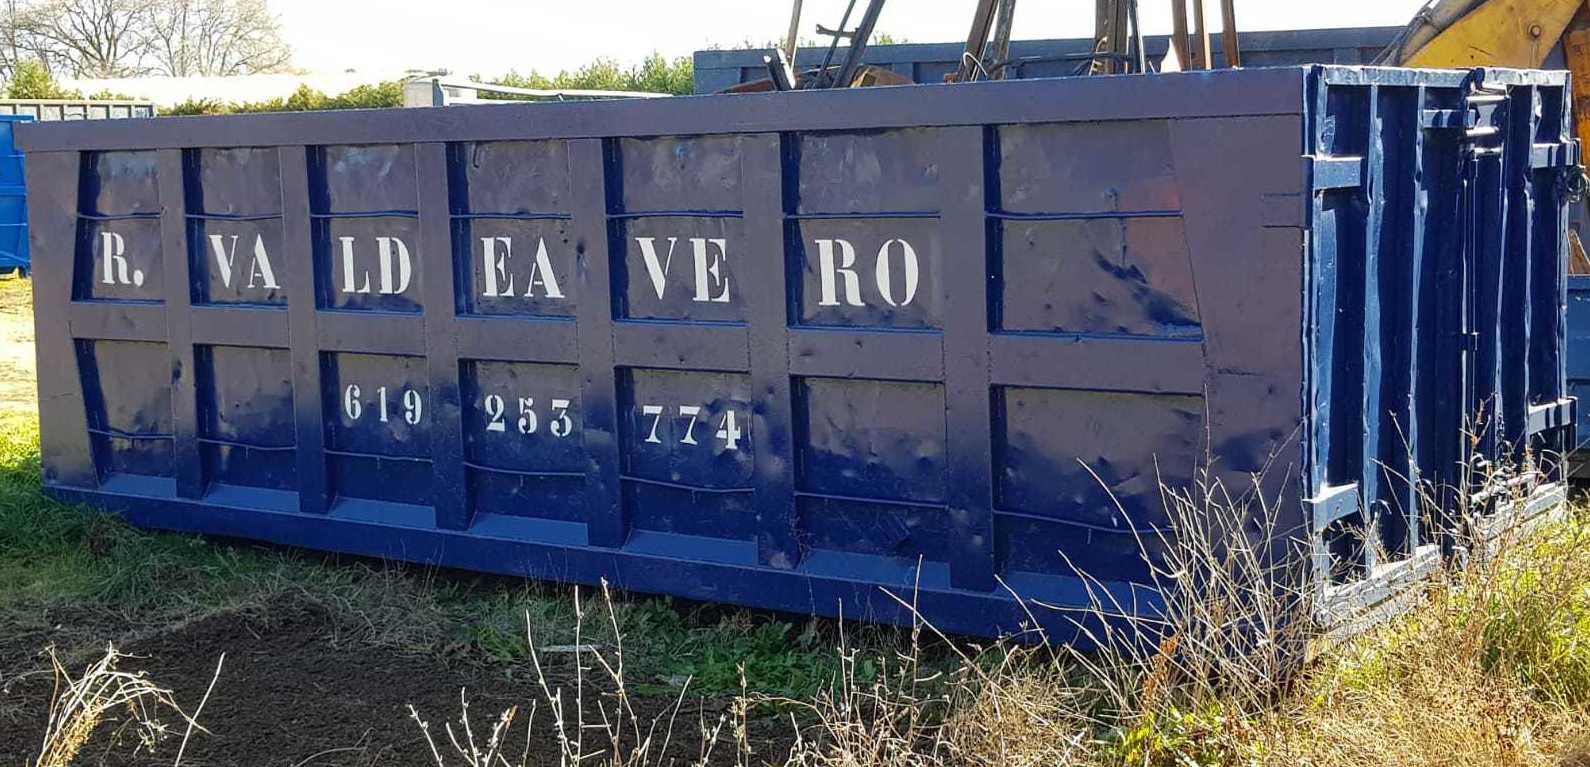 Foto 1 de Fabricación de contenedores en Valdeavero | Recuperaciones y Talleres Valdeavero